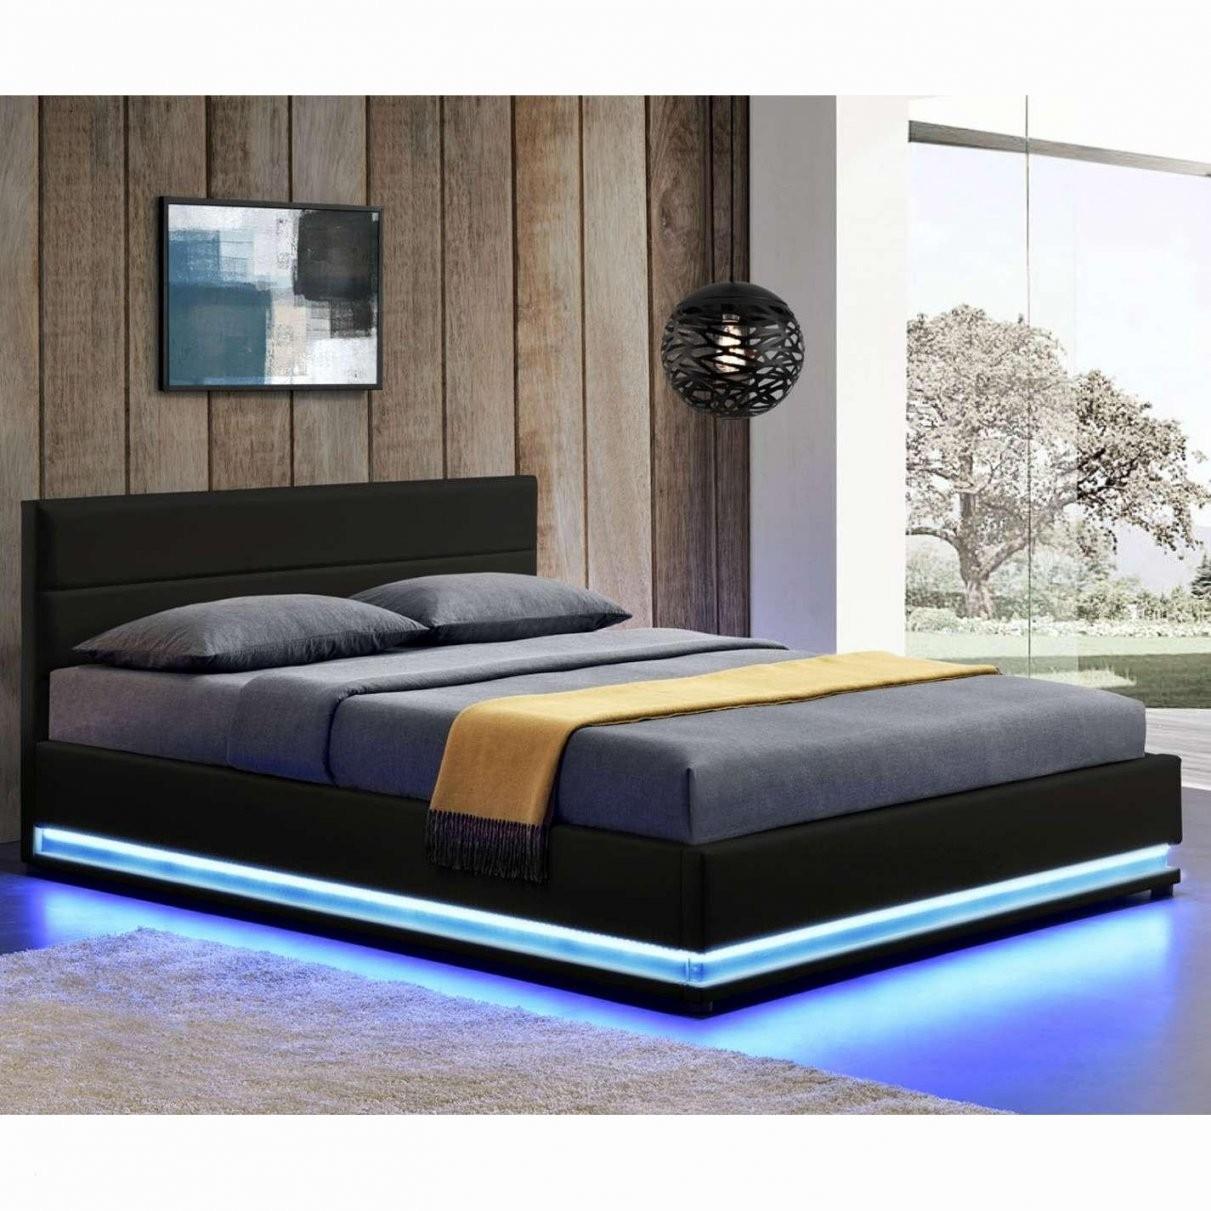 Genial Günstige Betten Mit Lattenrost Und Matratze 140×200 von Preiswerte Betten Mit Lattenrost Und Matratze Photo